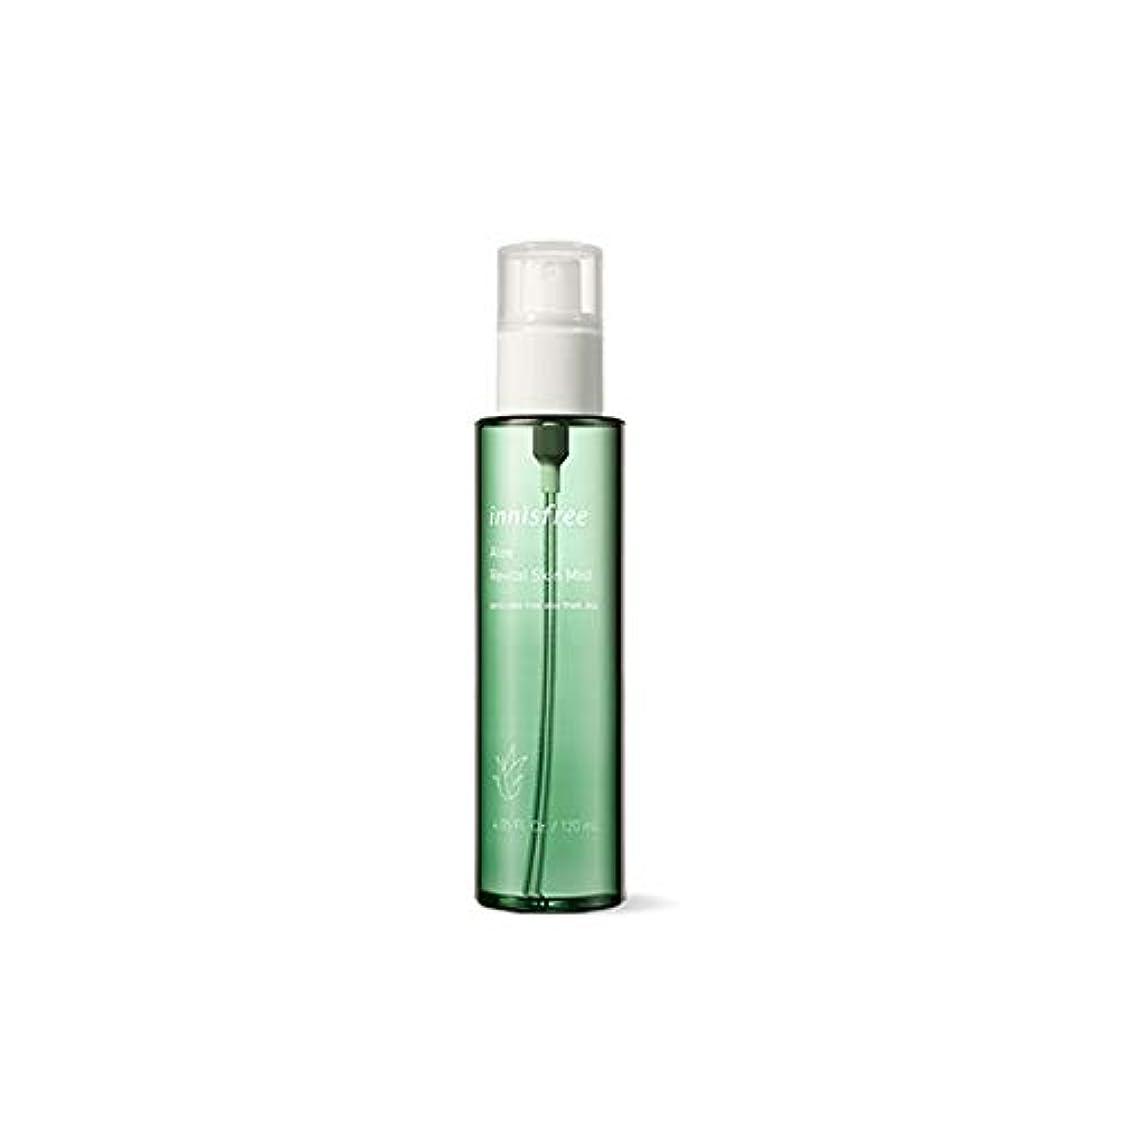 薬理学彼らのもの誓いイニスフリー Innisfree アロエ リバイタル スキンミスト(120ml)2015.6. Innisfree Aloe Revital Skin Mist(120ml) [海外直送品]